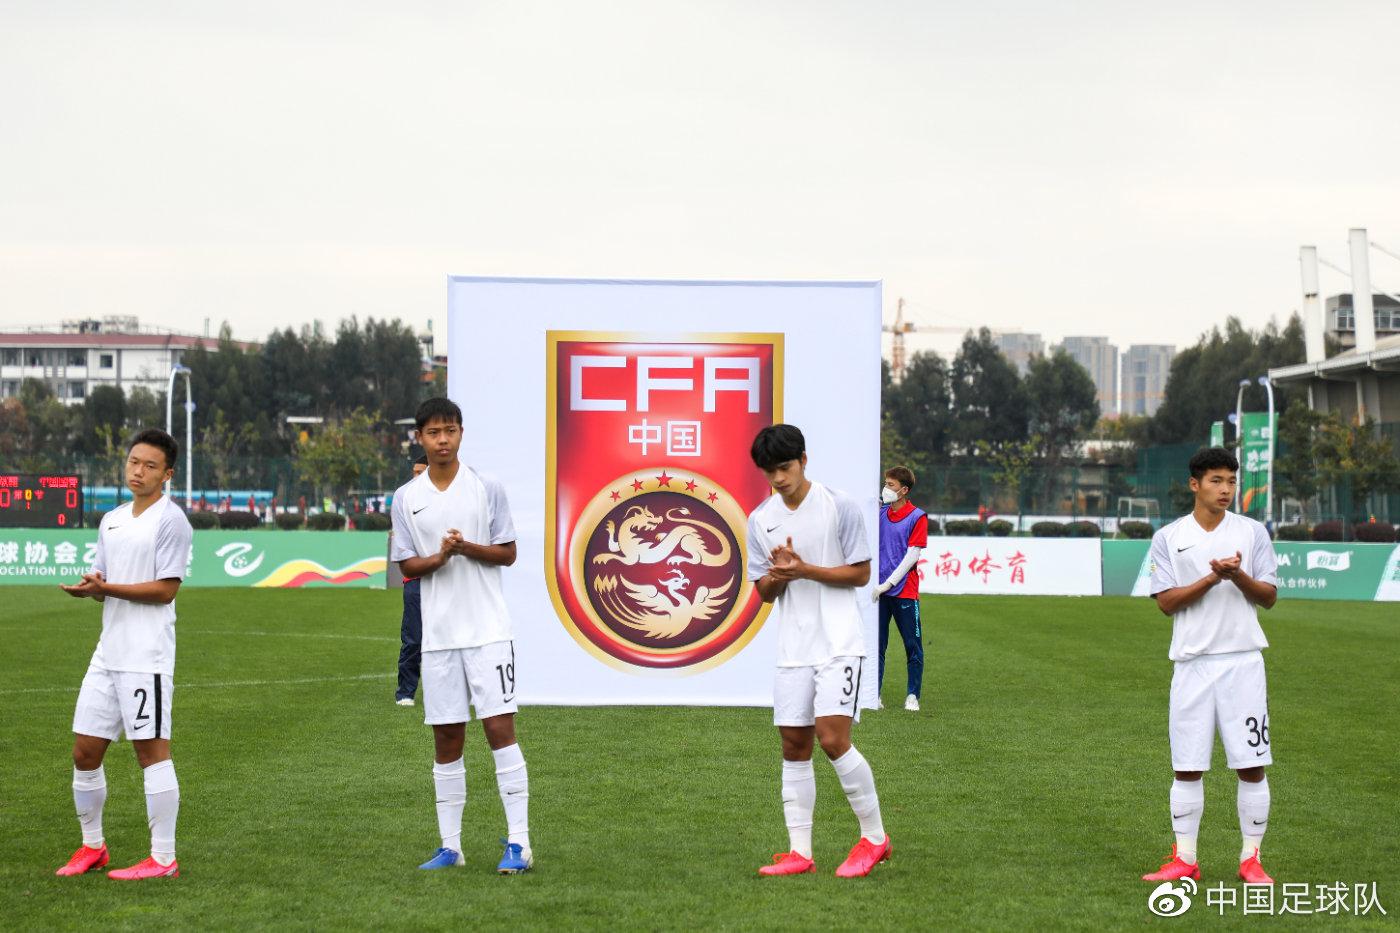 全部为了未来--U19国青中乙奇幻漂流